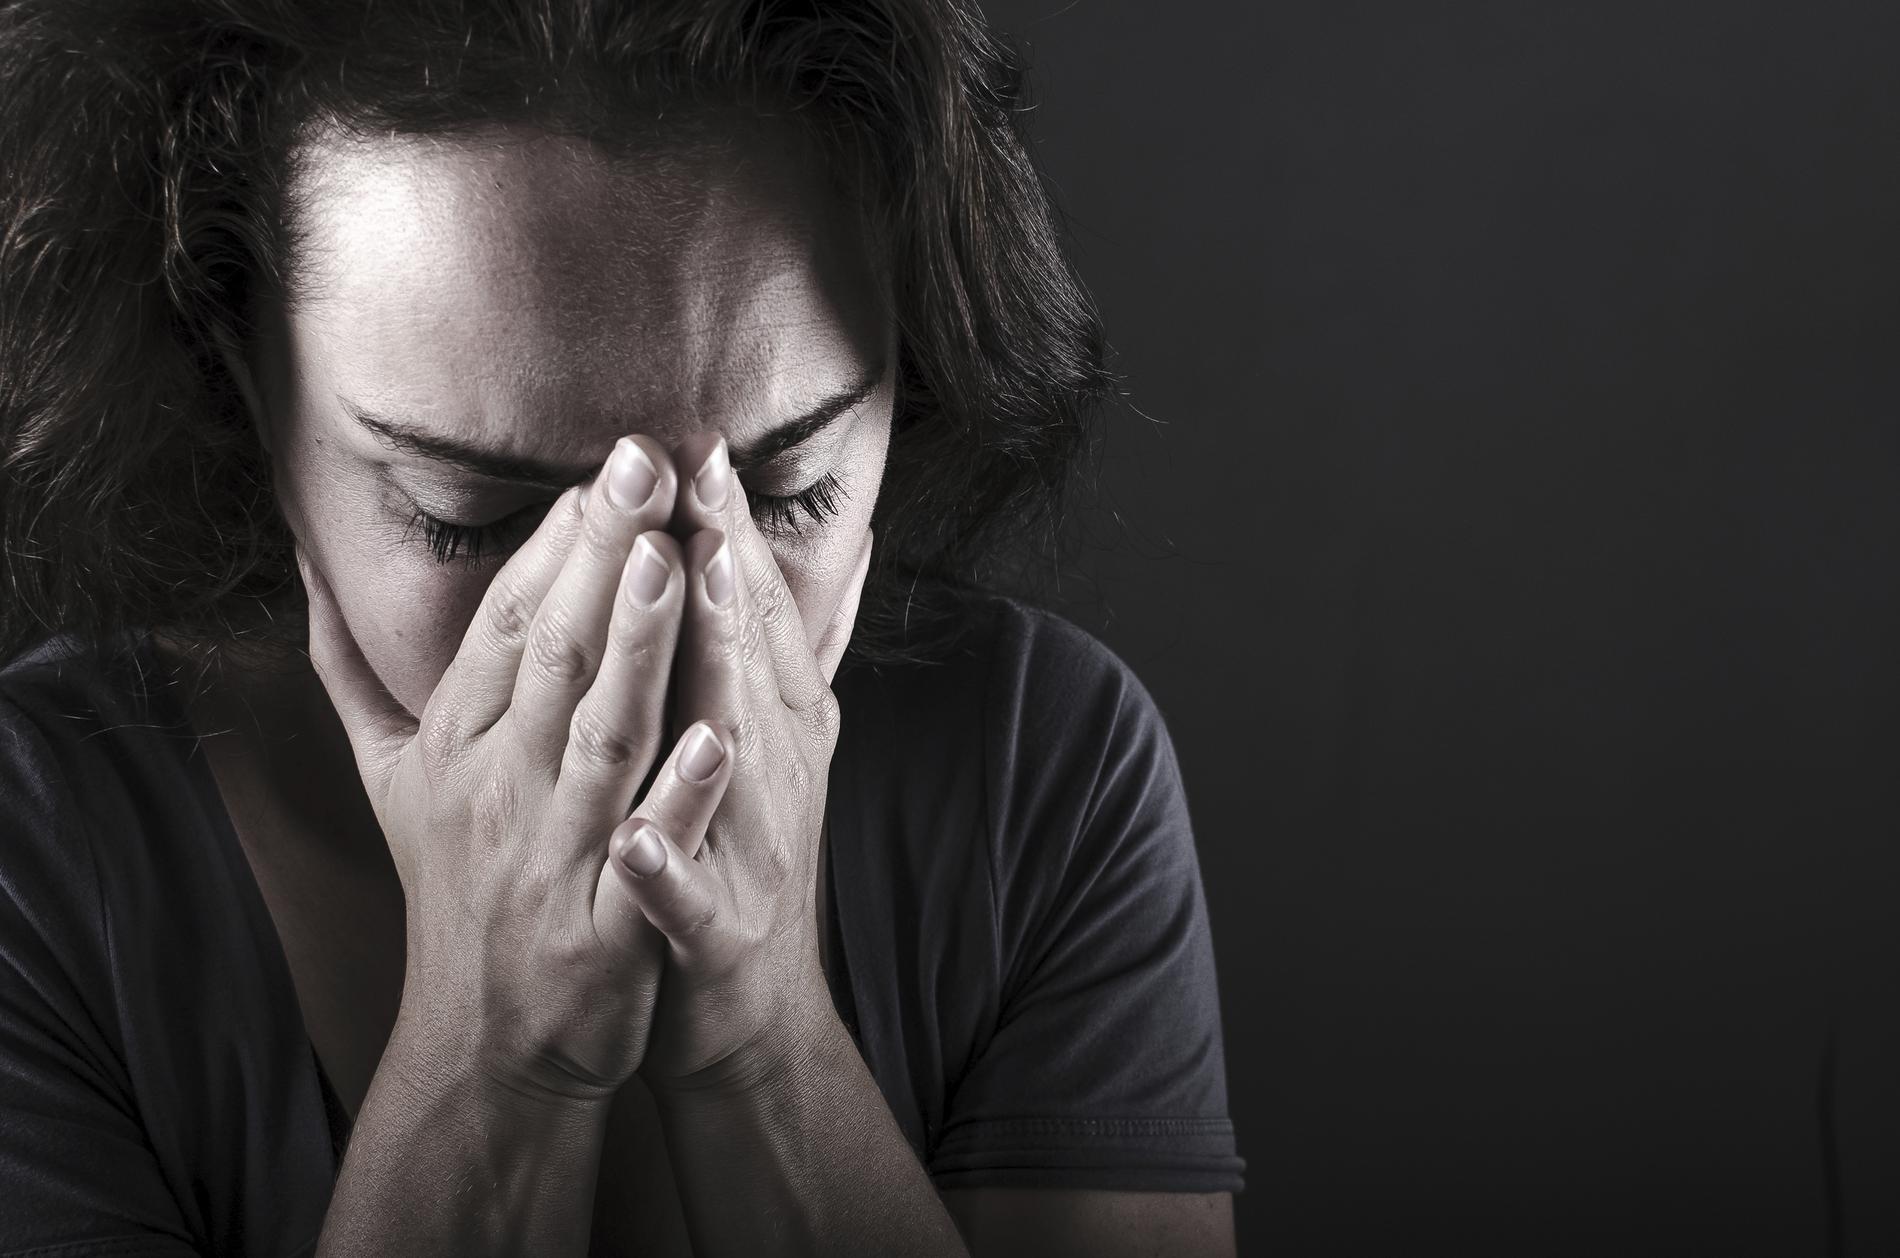 Phobie et peur, quelles différences ? - Madame Figaro